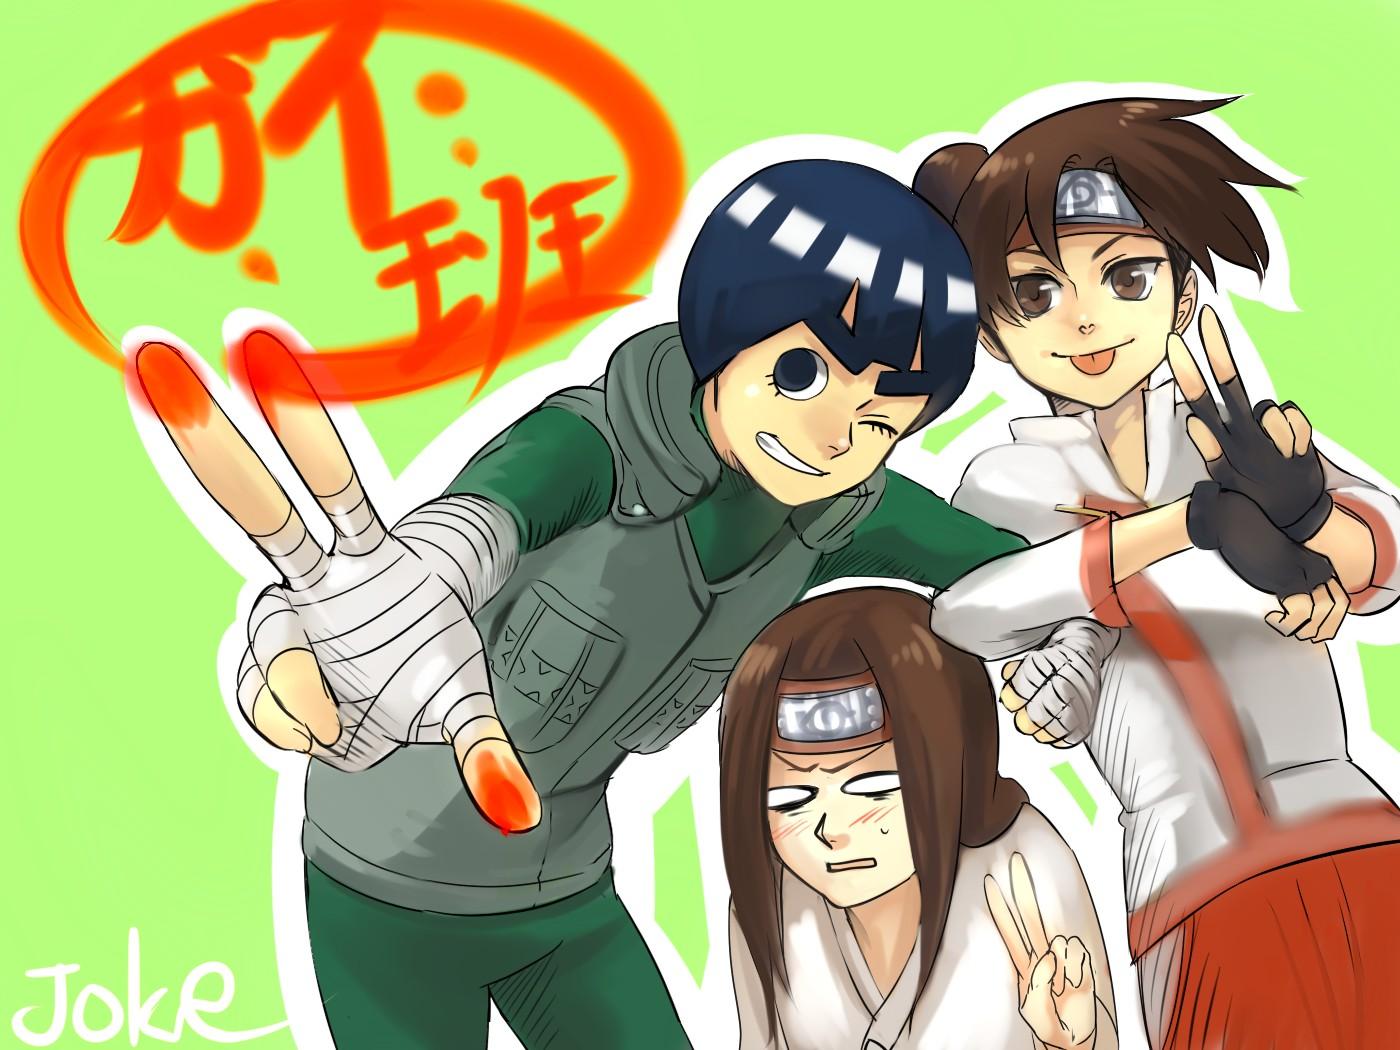 naruto team 9